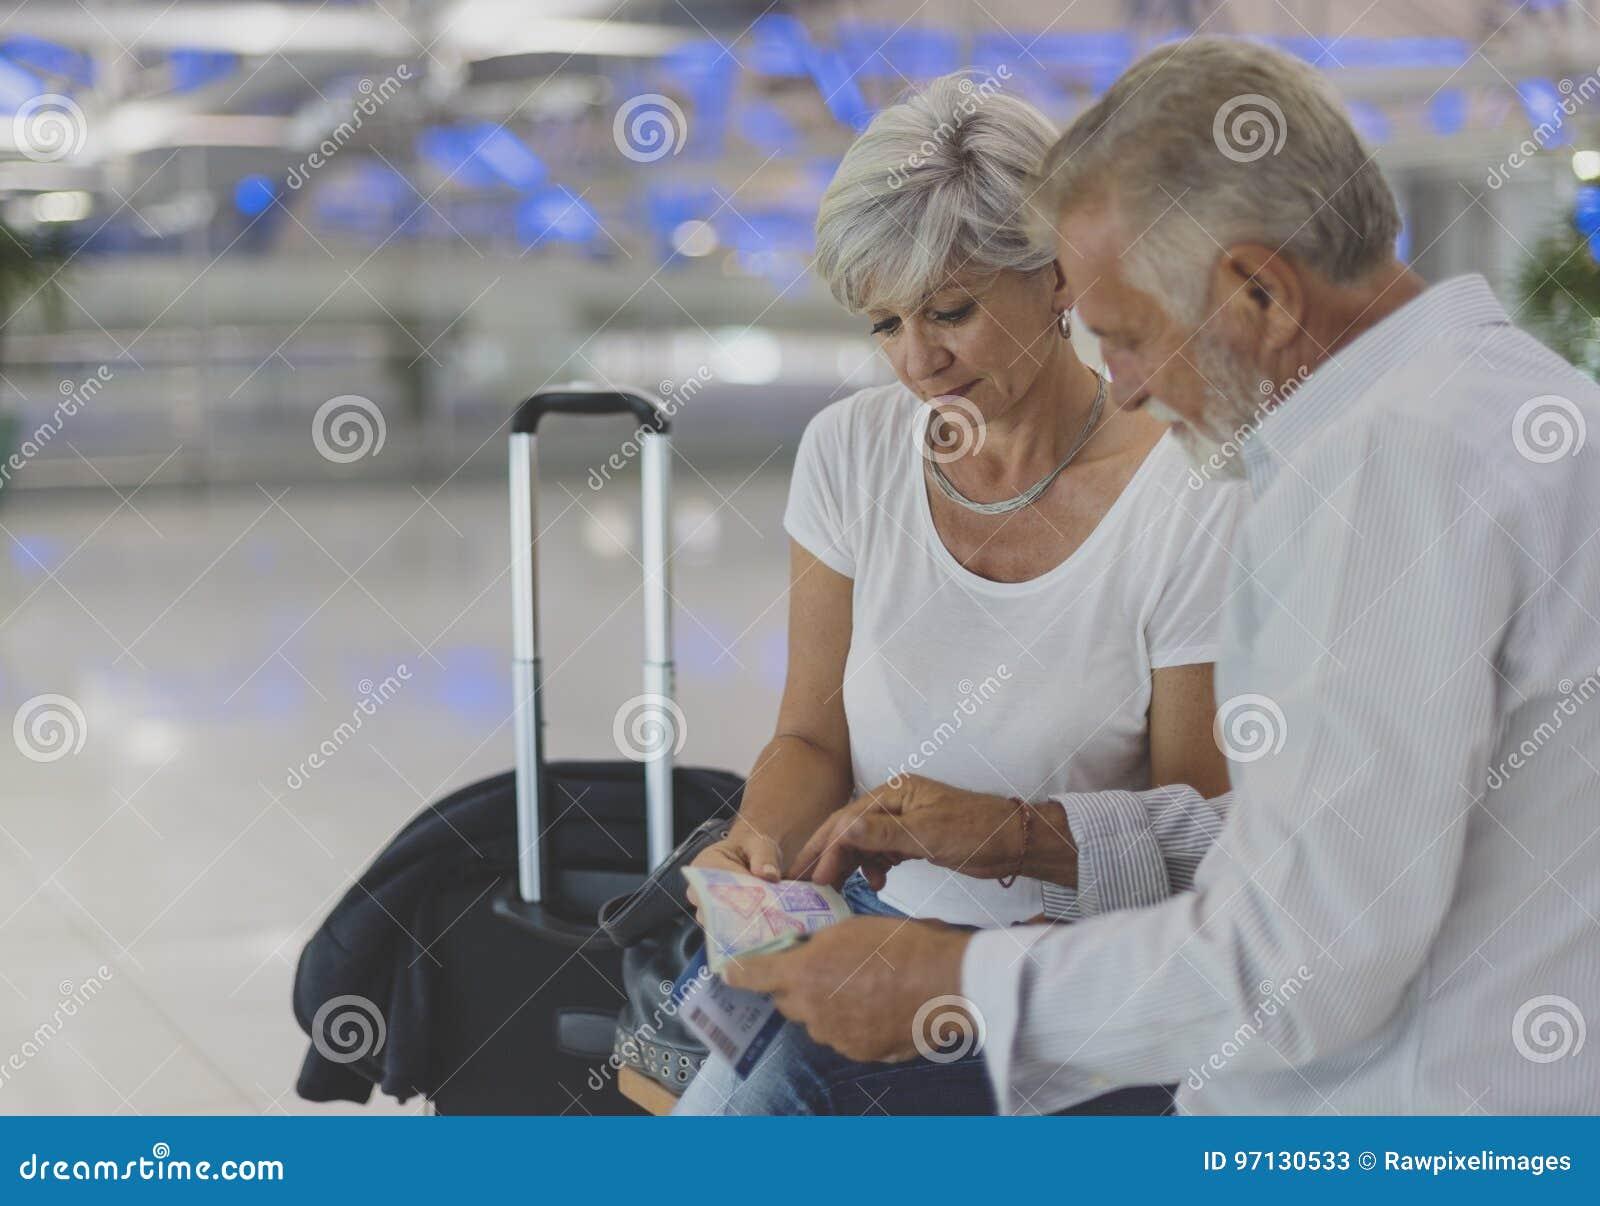 Escena del aeropuerto de los pares que viaja mayores